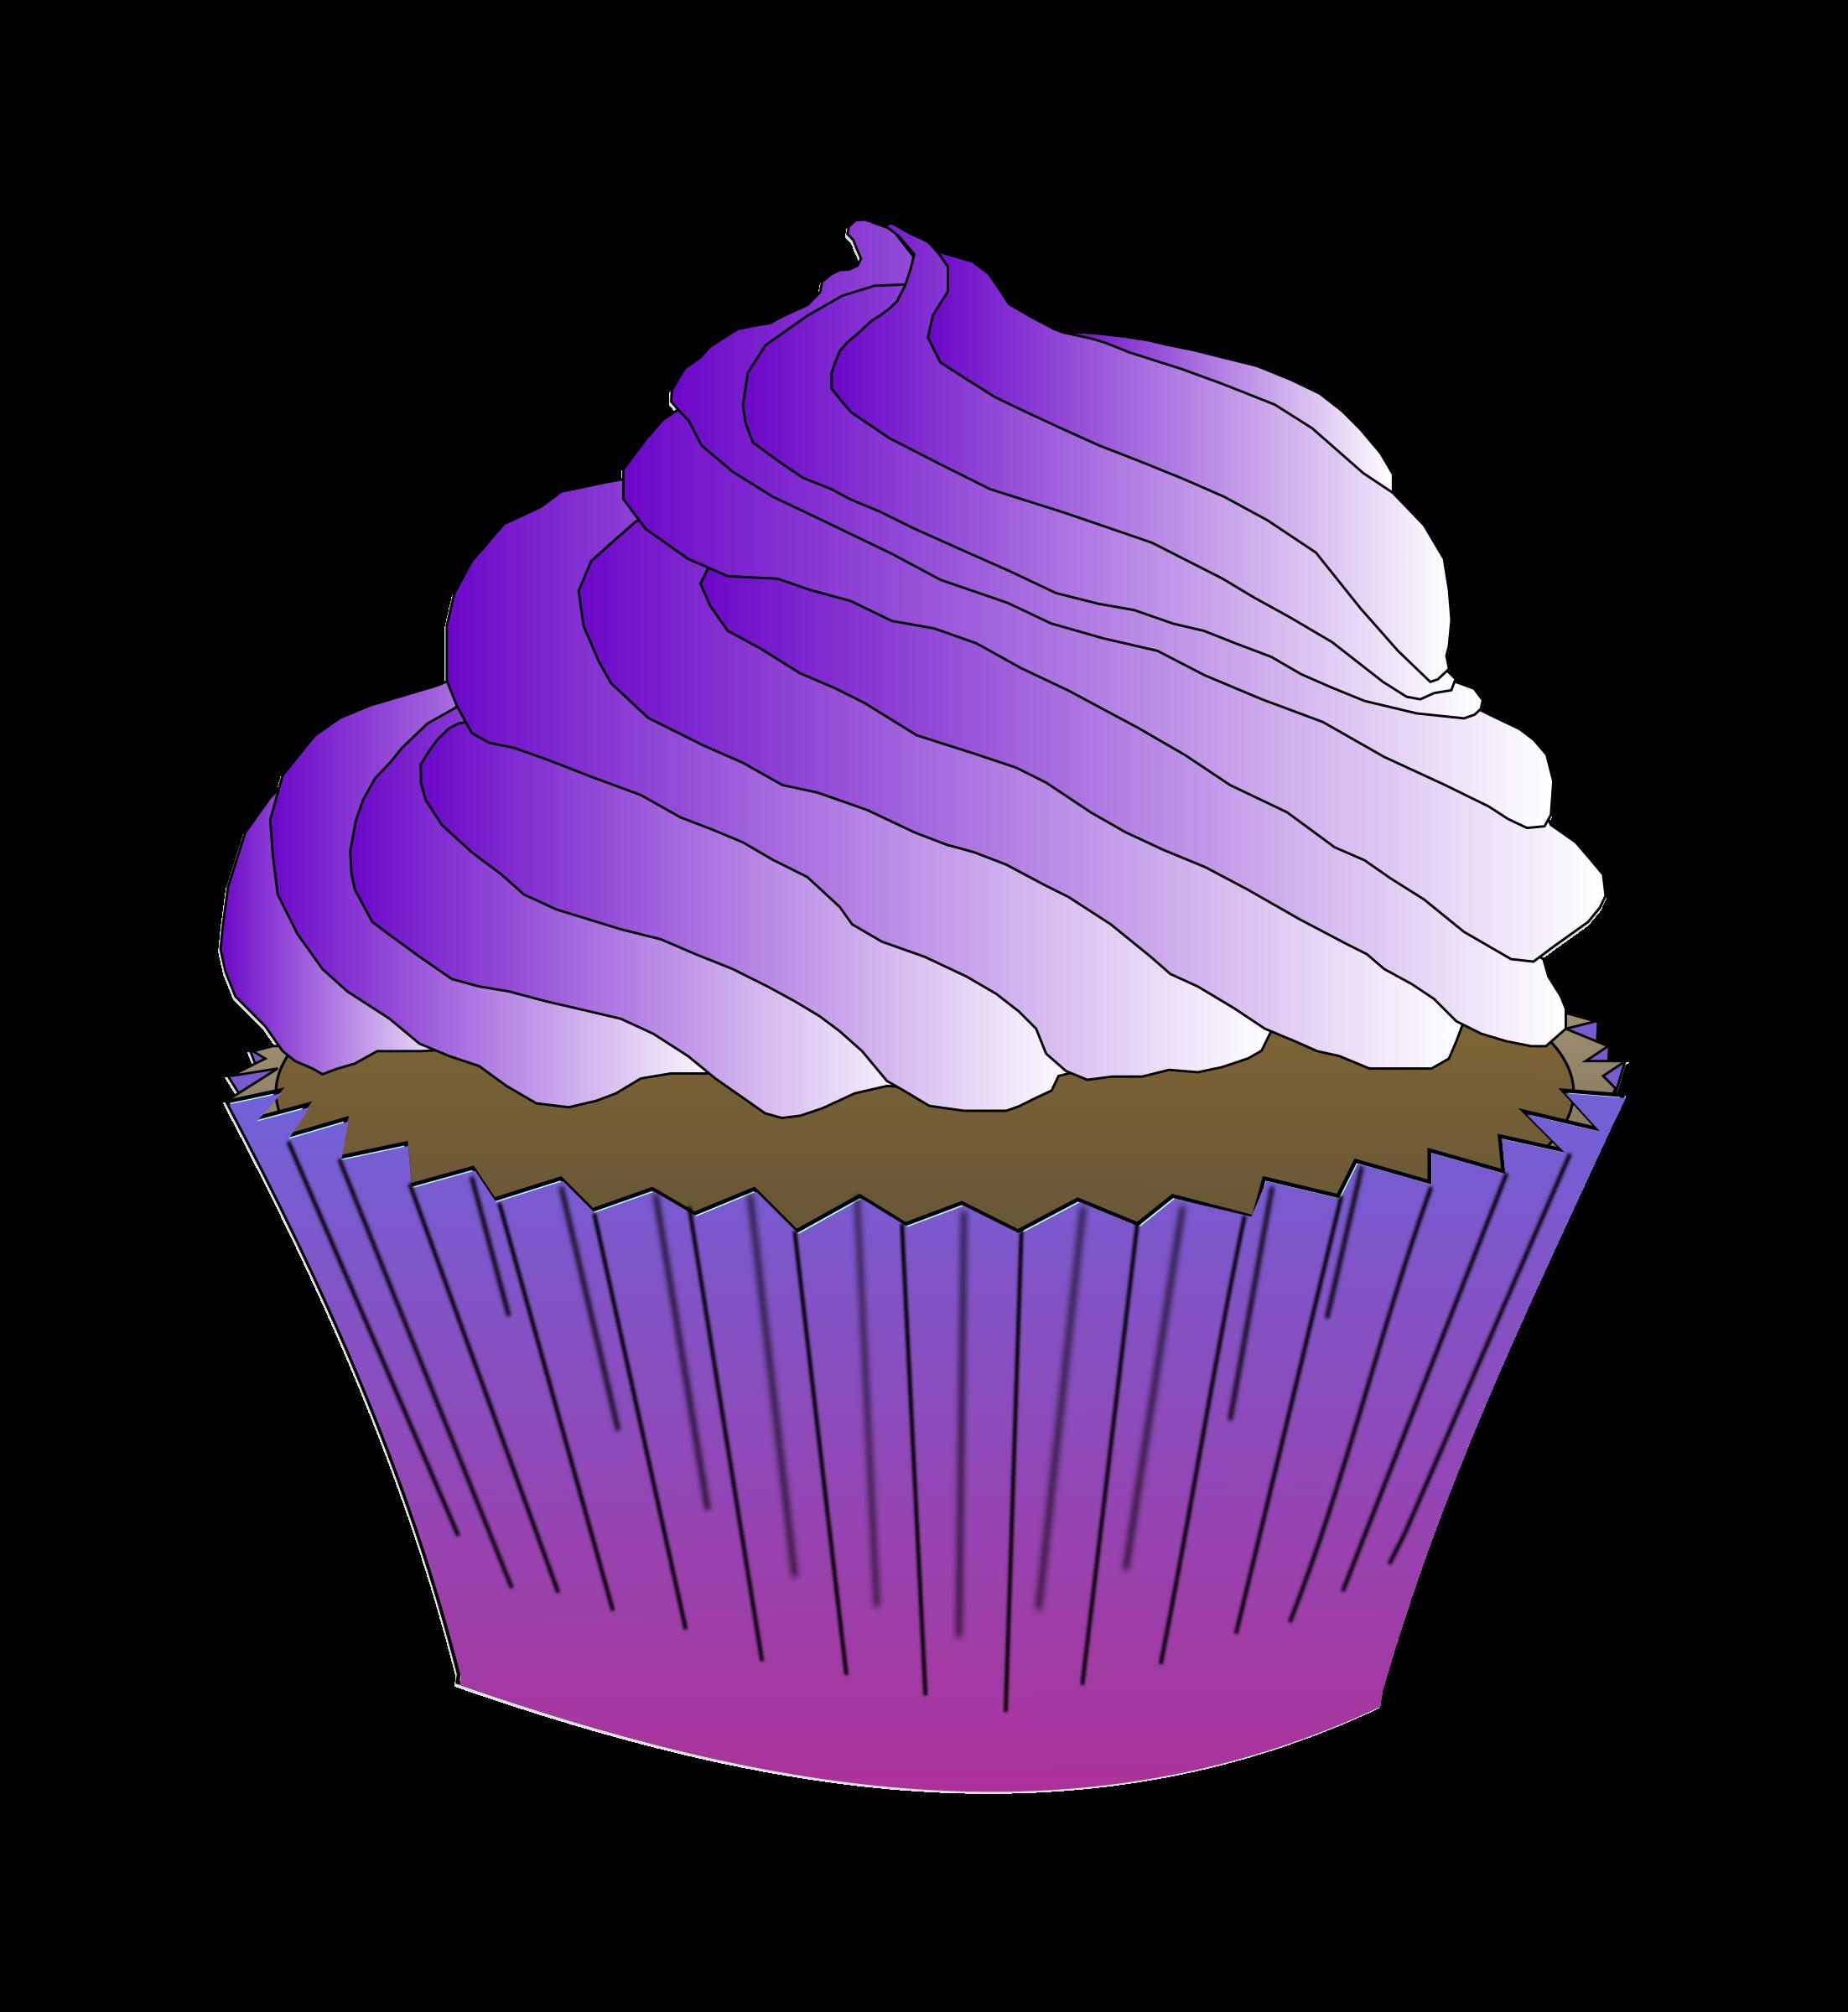 Muffins clipart buttercream. Chocolate purple cupcake big